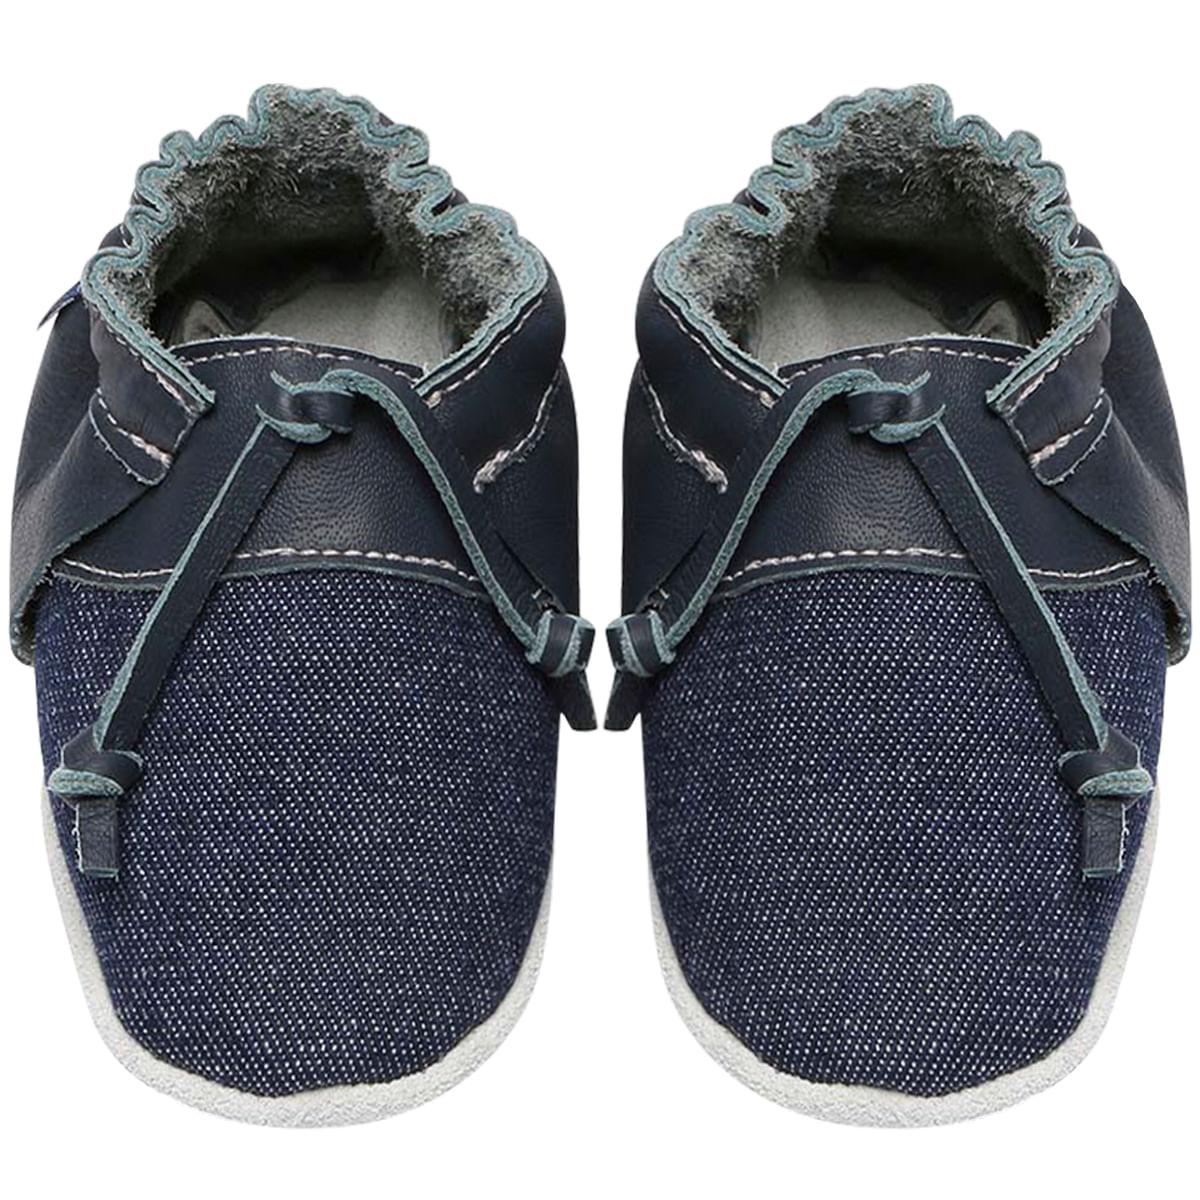 8c287efe5 Sapatinho para bebê Top Sider em couro Denim Marinho - Babo Uabu no  Bebefacil onde você encontra tudo em roupas e enxoval para bebês - bebefacil